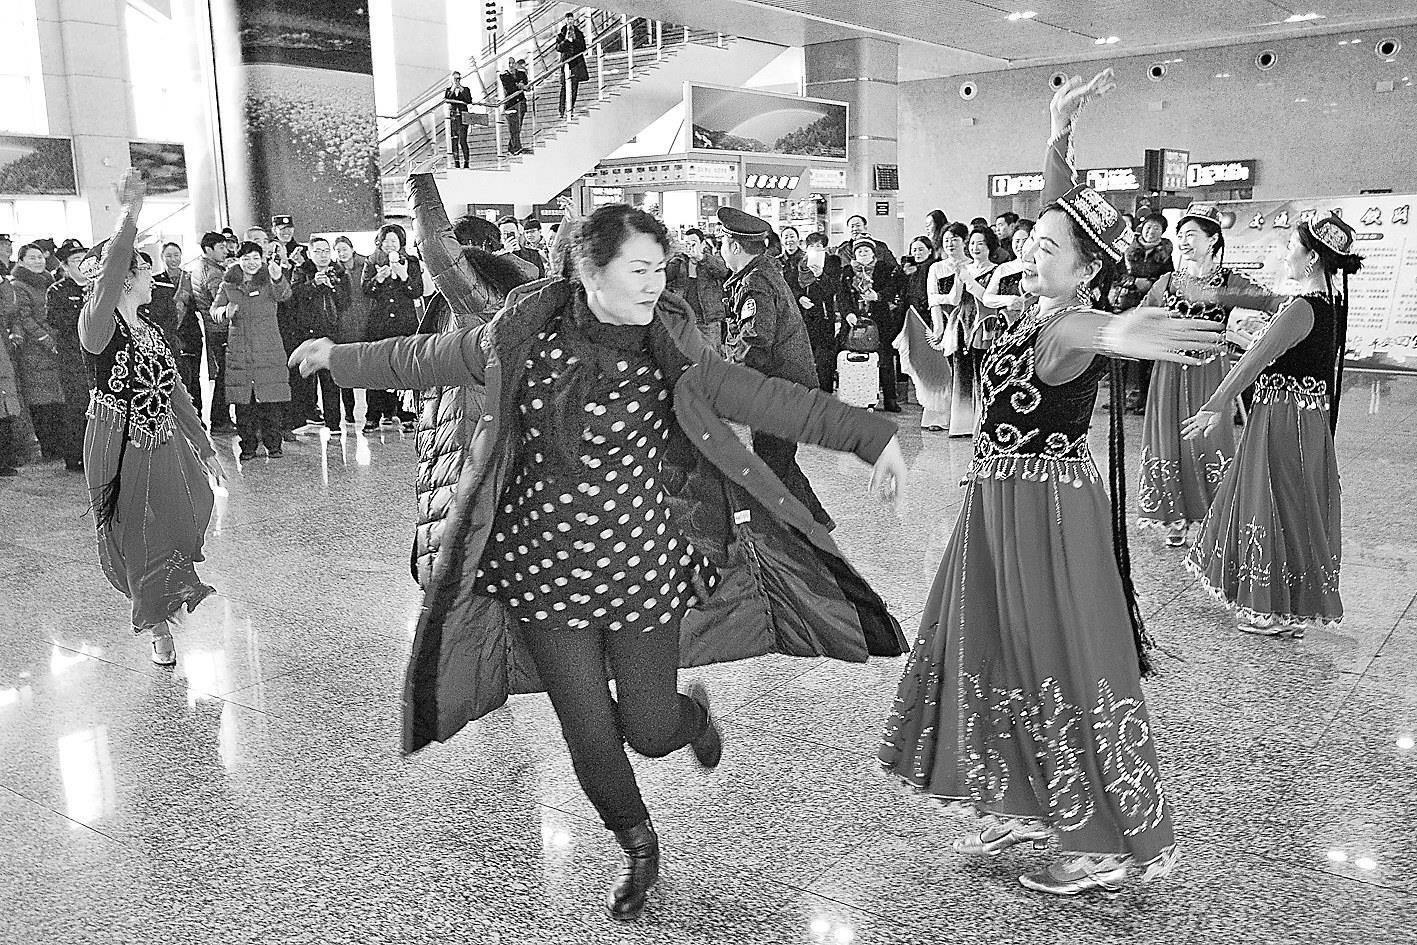 金沙大地国际娱乐:不畏严寒只为旅客平安返乡